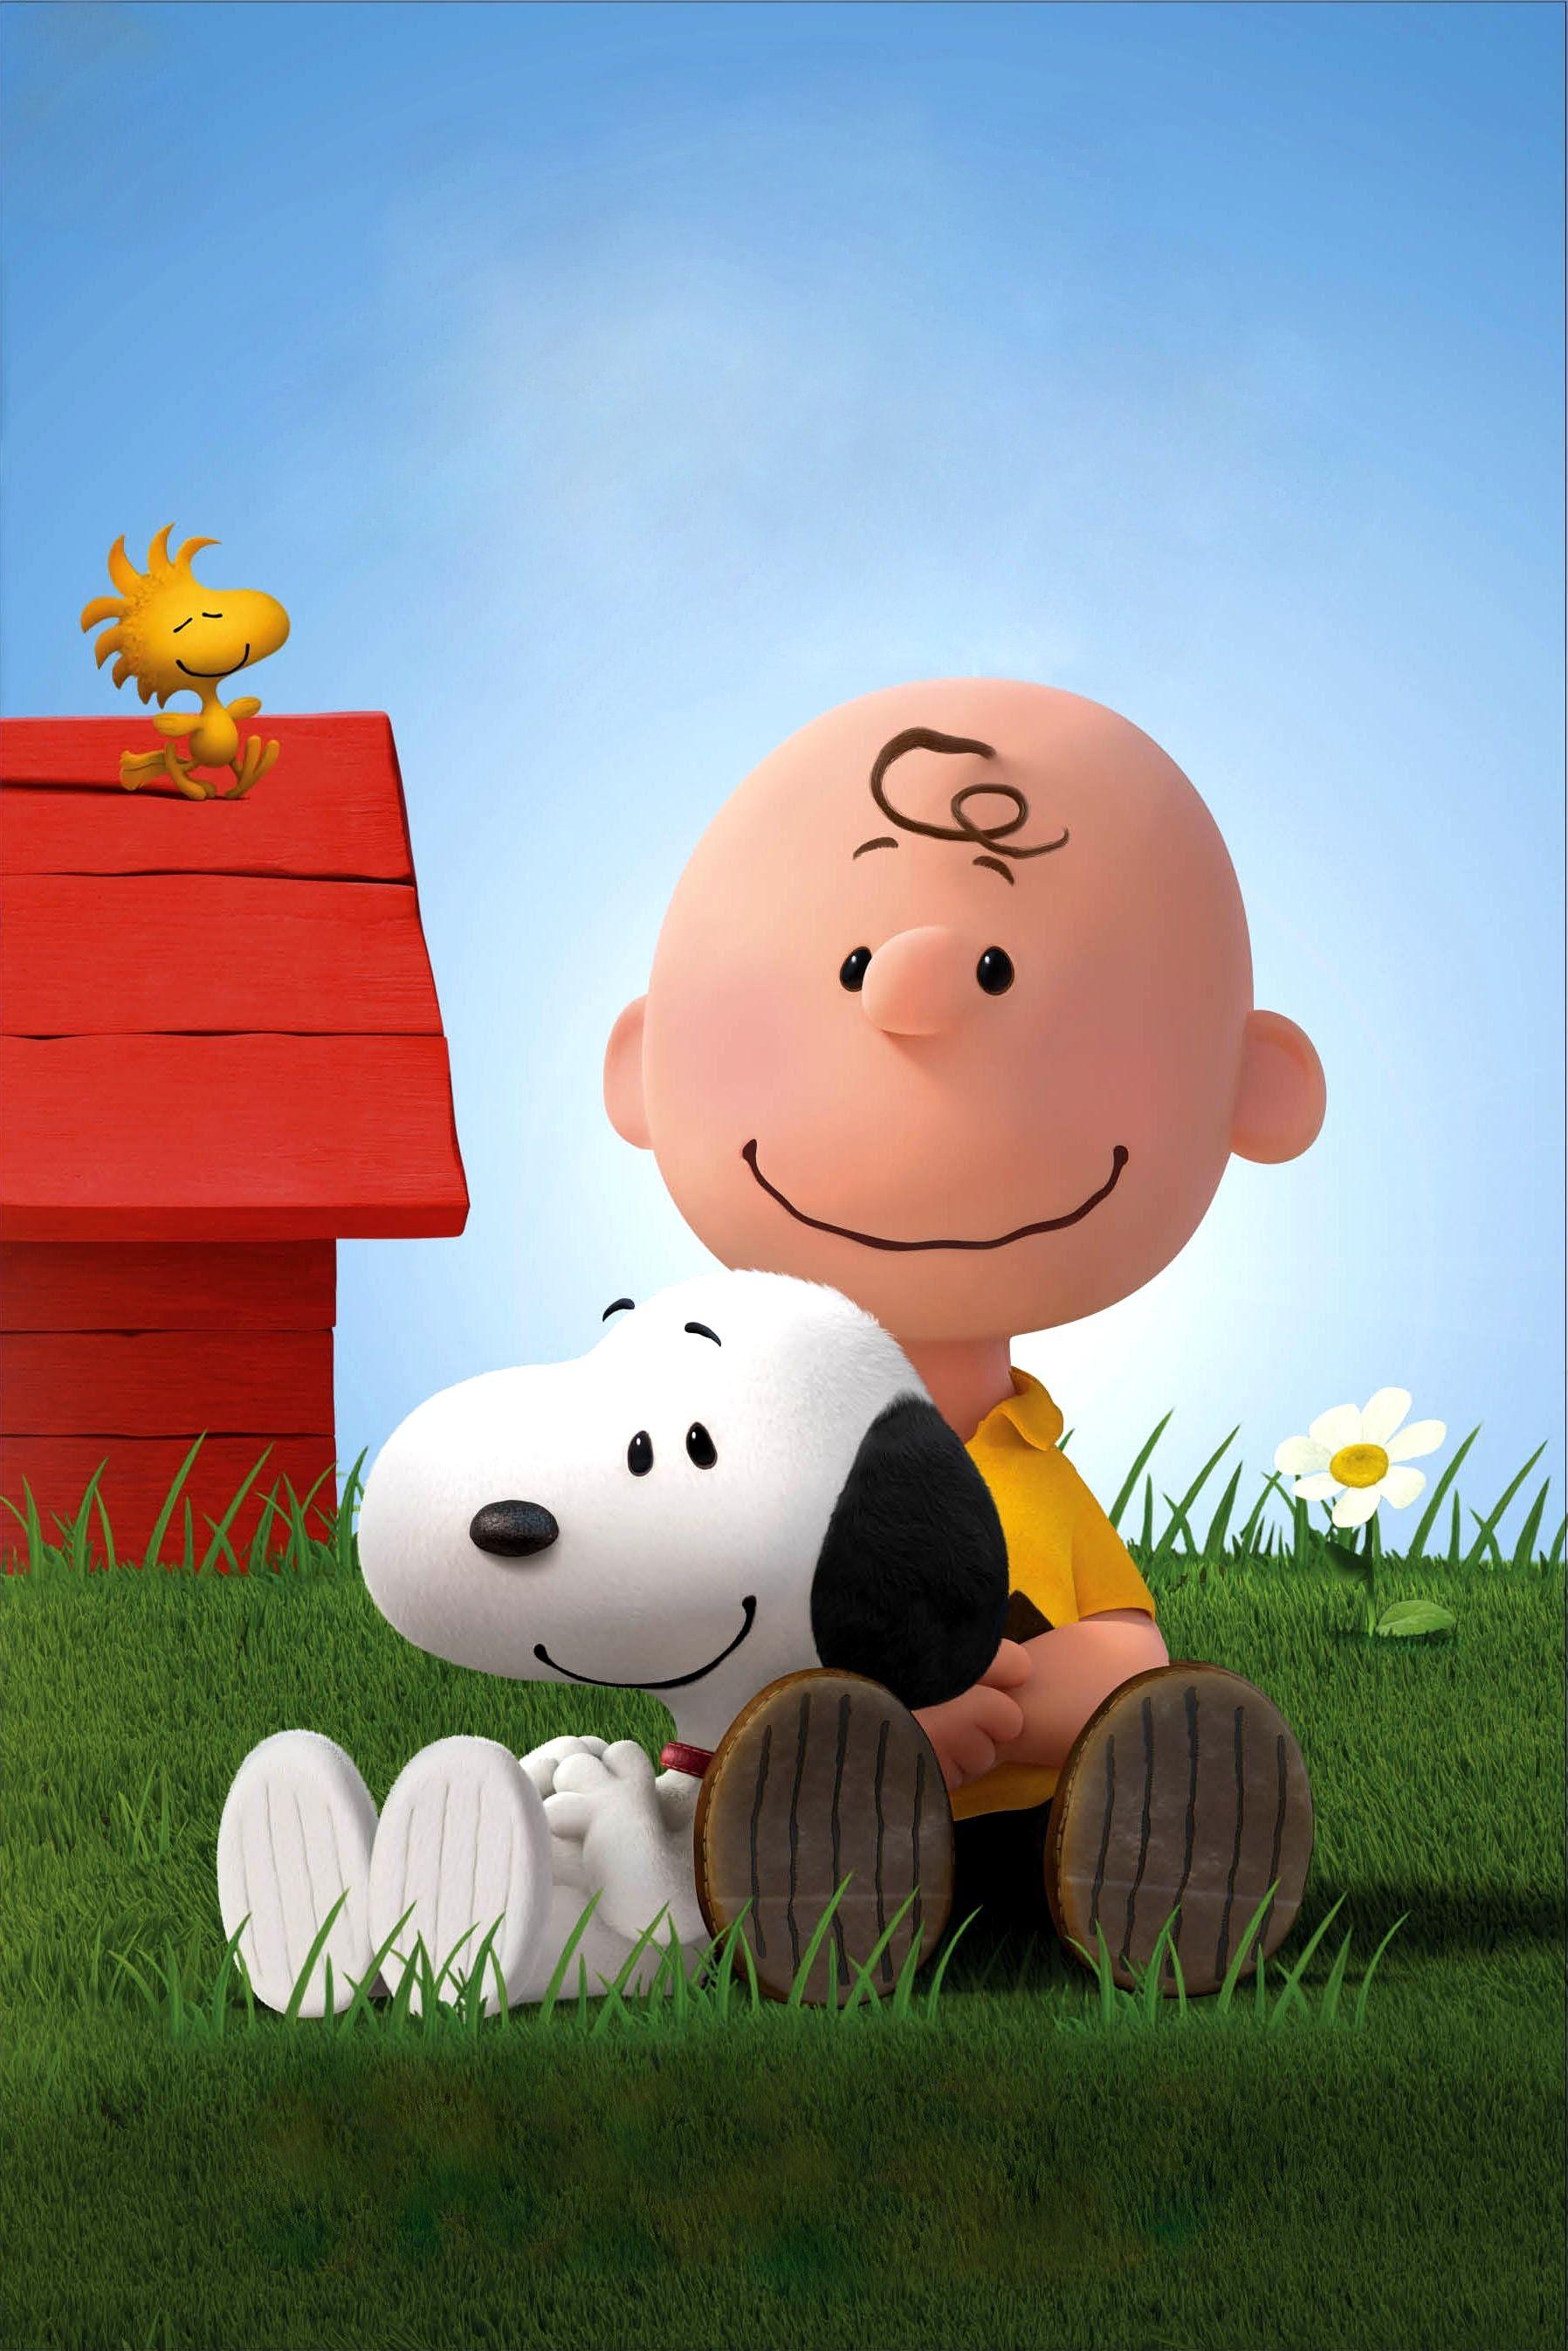 Snoopy friends snoopy pinterest charlie brown lustig und peanuts gang - Charlie brown zitate ...